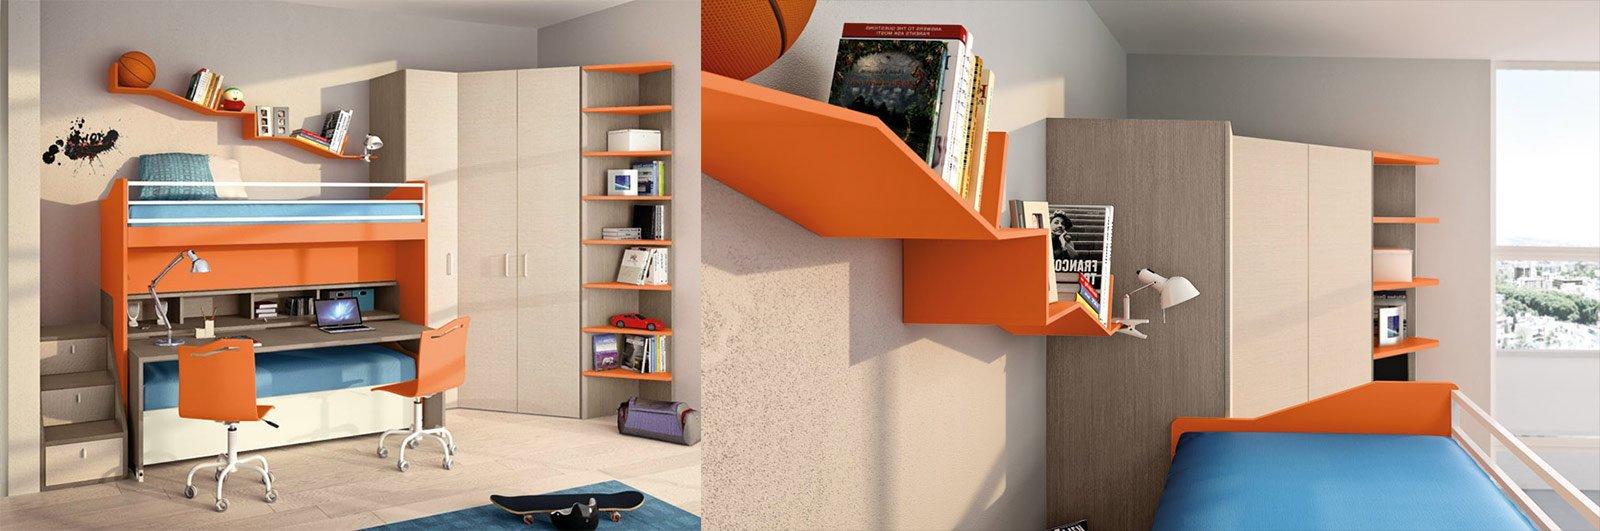 Camerette salvaspazio cose di casa for Piccoli piani di casa in metallo